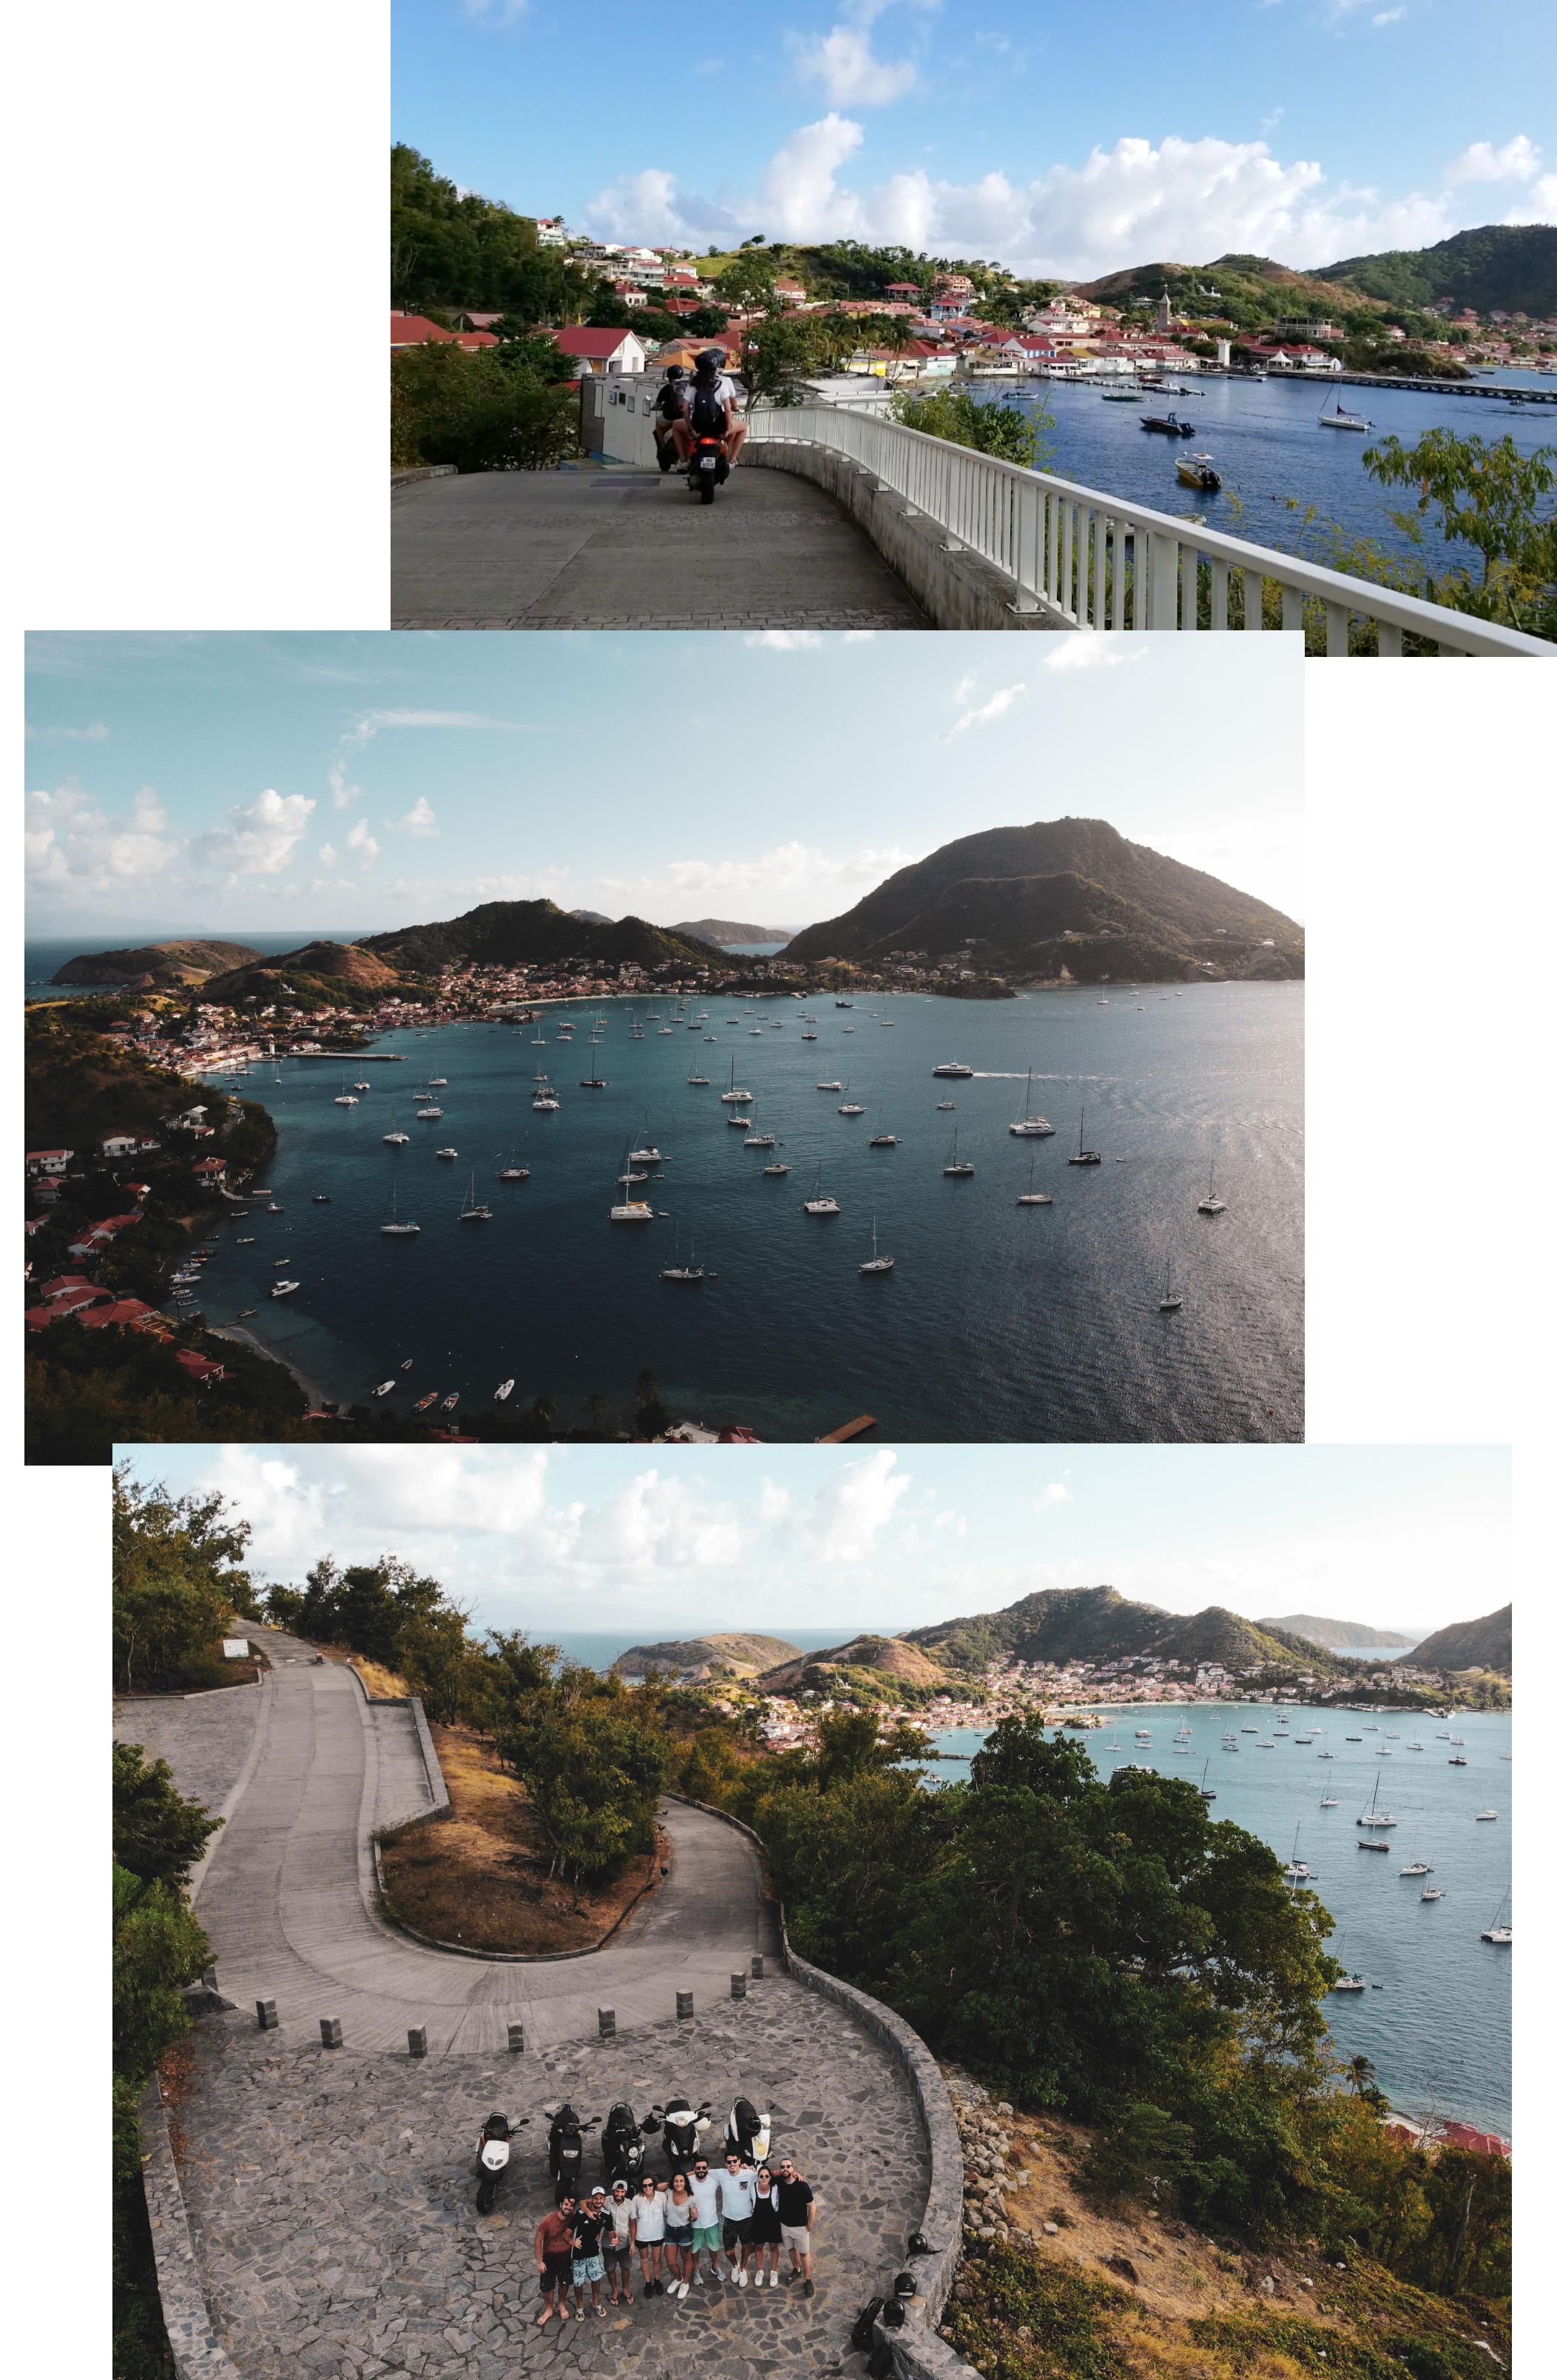 Visite de l'île des Saintes en Guadeloupe, par Côté Hublot